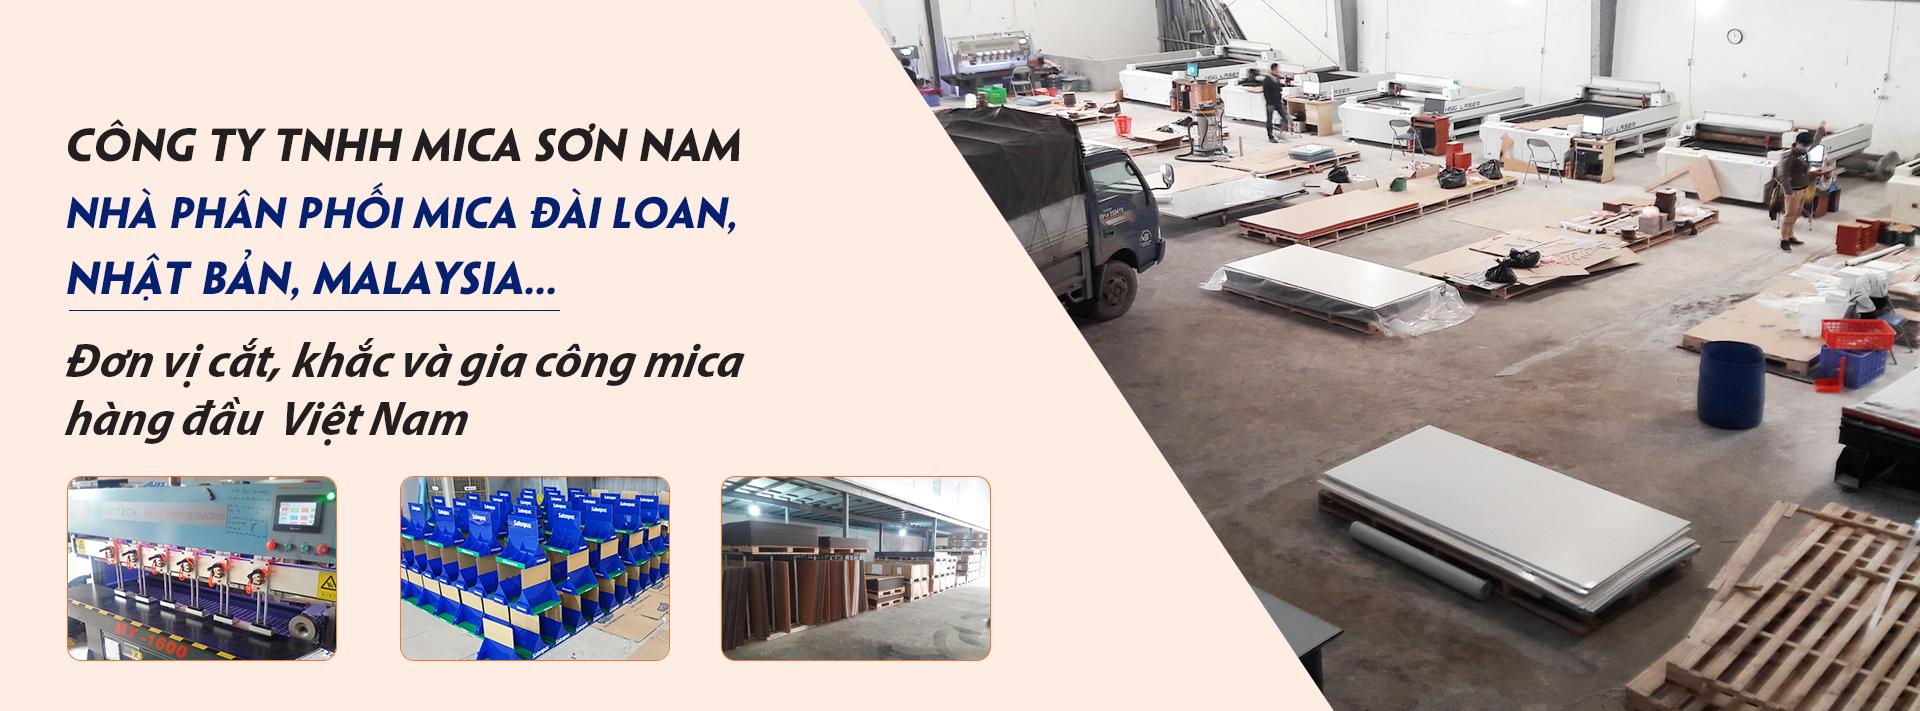 Mica Sơn Nam